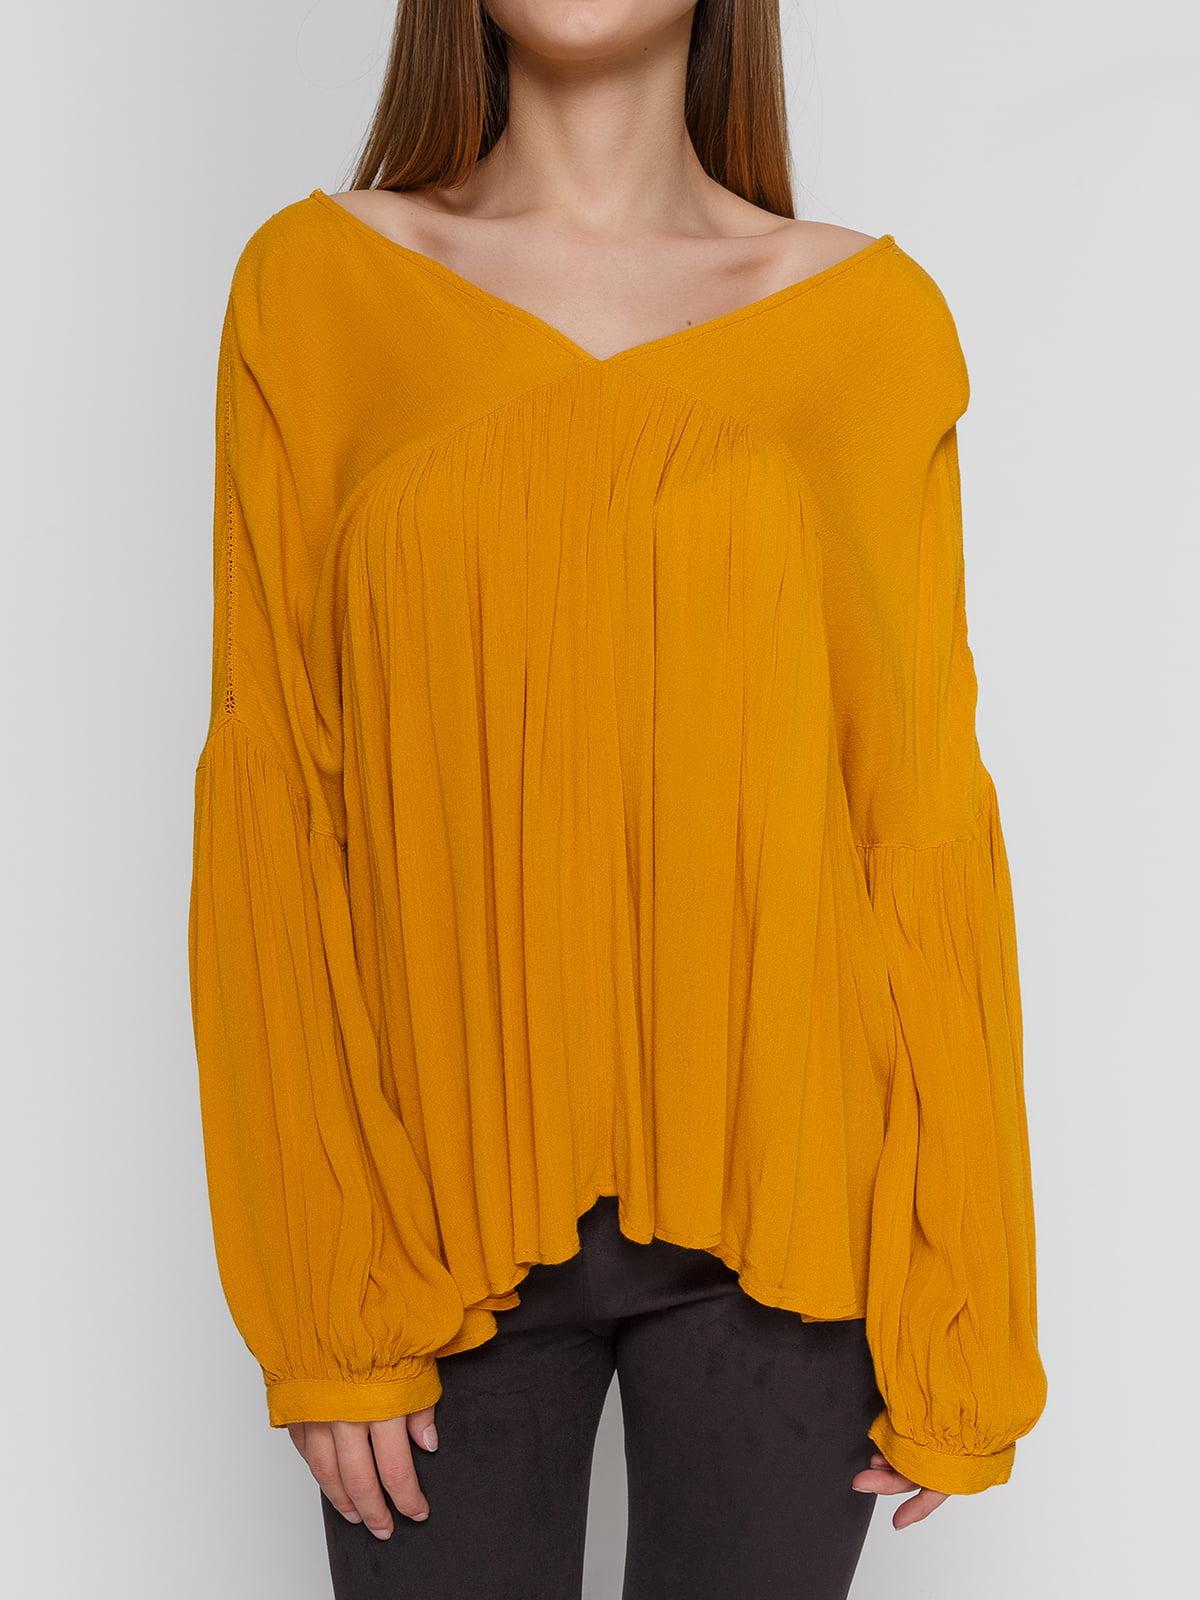 Блуза горчичного цвета   4628334   фото 3